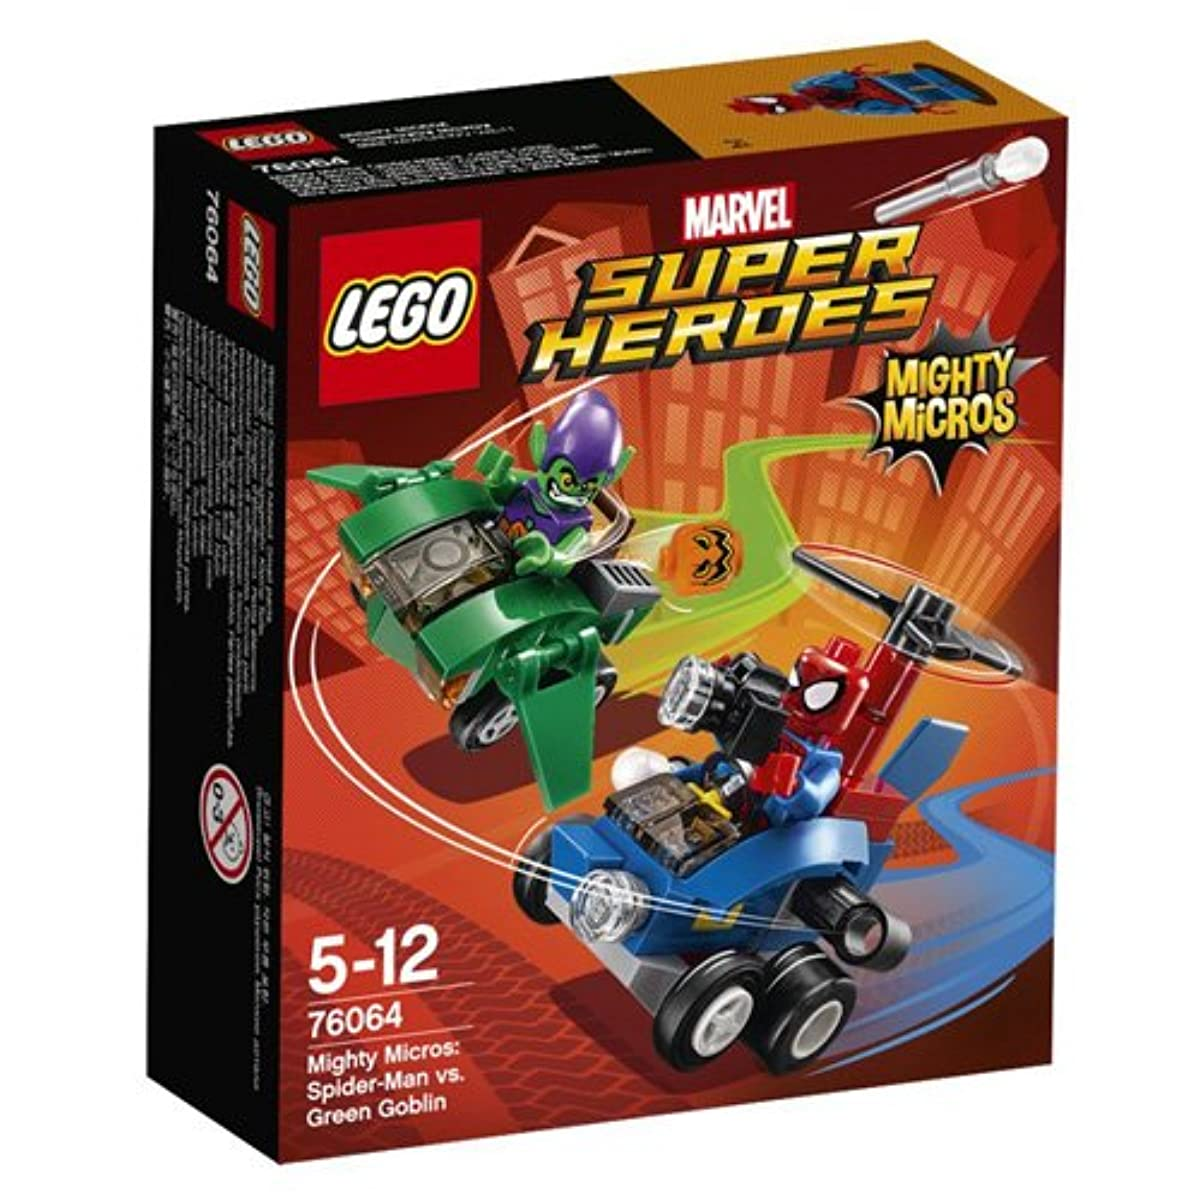 [해외] 레고 (LEGO) 슈퍼히어로즈 마이 T 마이크로 포스:스파이더맨 VS 그린고블린 76064-76064 (2016-03-04)